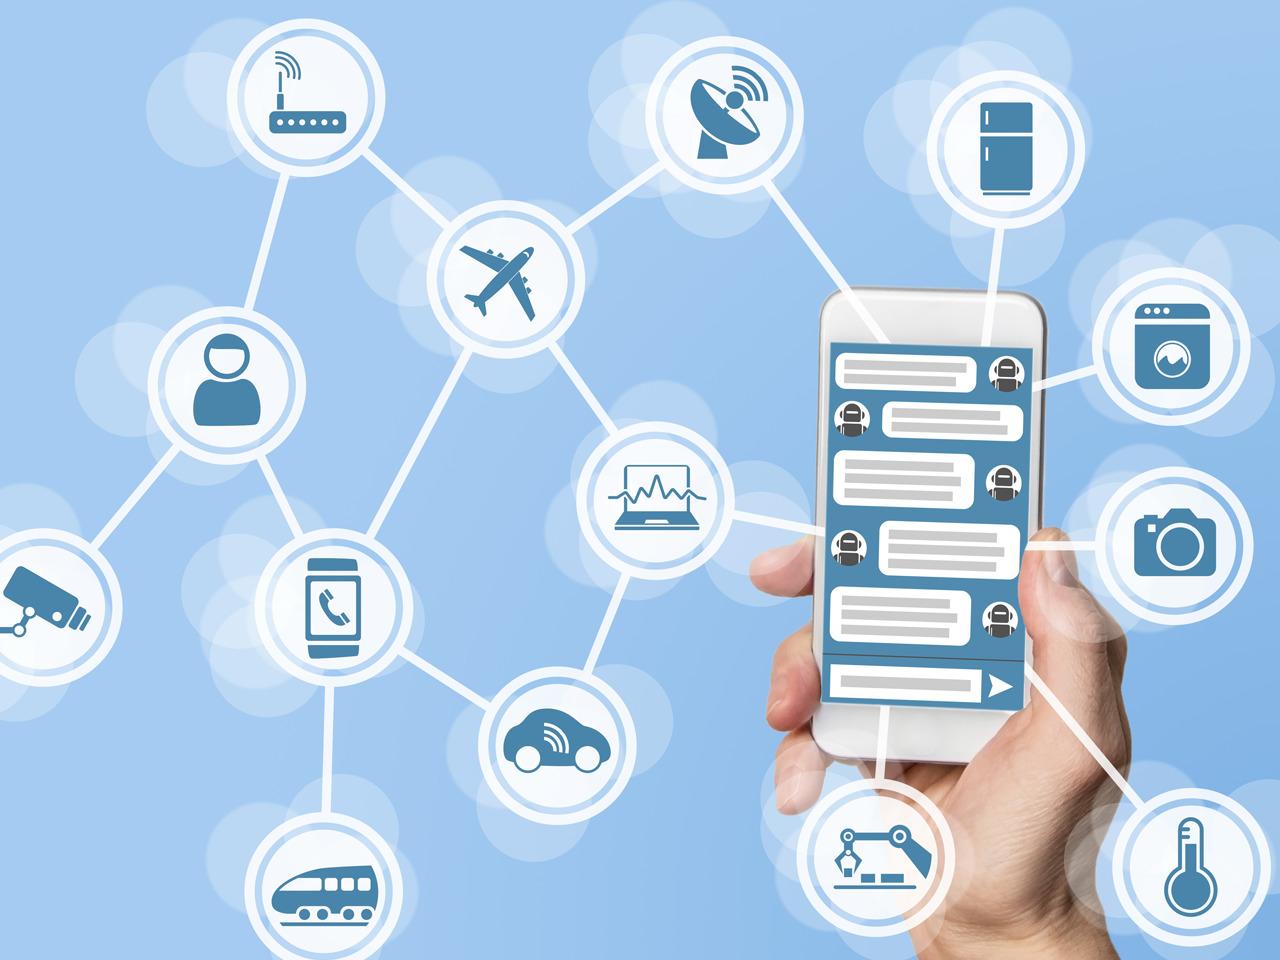 Ilustração de foto com celular e ícones de serviços simulando uma conexão